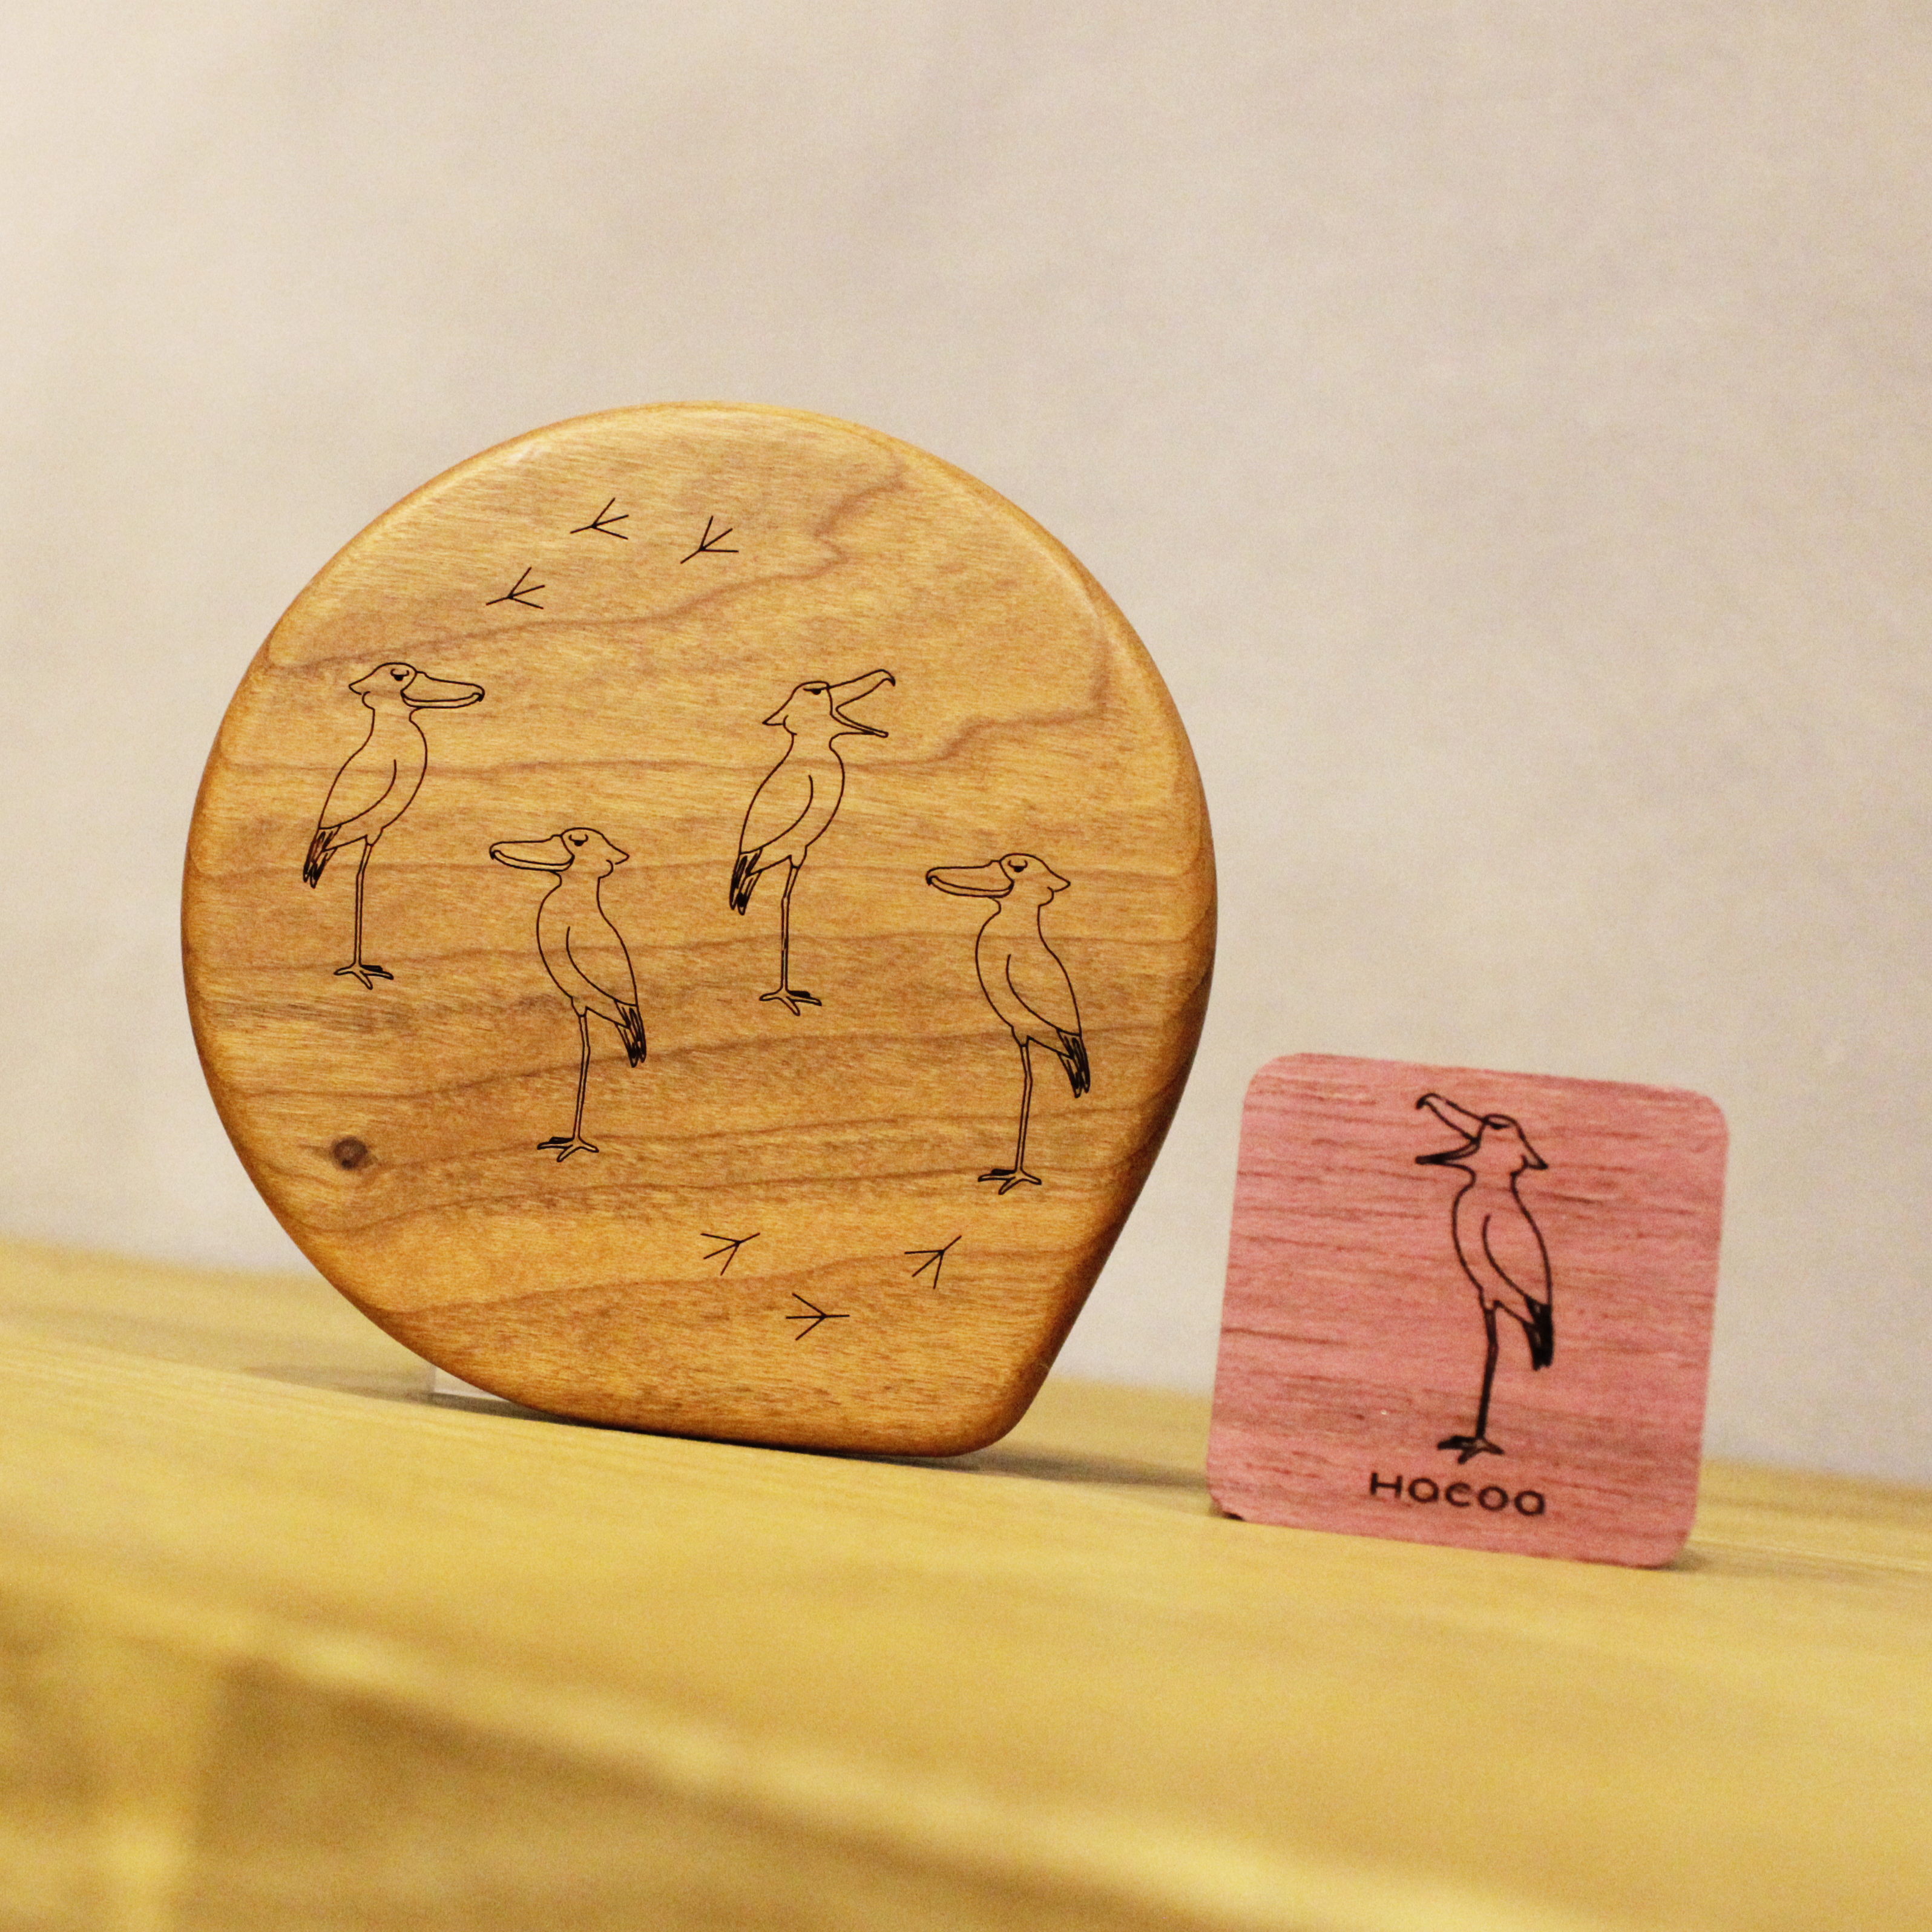 パルコヤ上野店にてどうぶつのイラストを刻印された方全員に アニマルマグネットをプレゼント